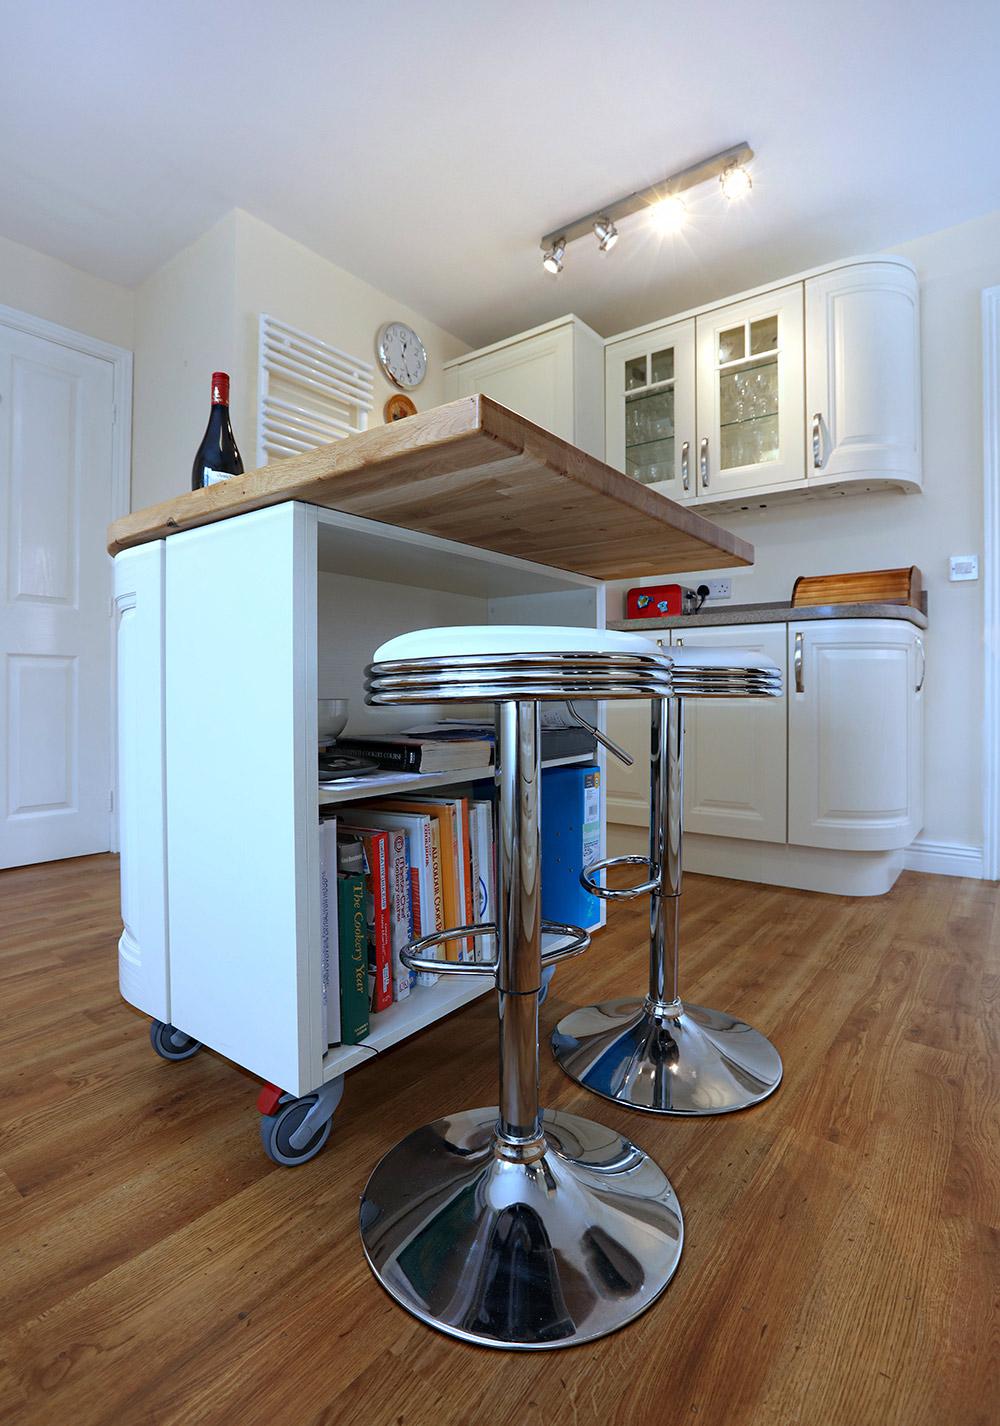 Mr mrs bowles design works kitchens for Bespoke kitchen design nottingham